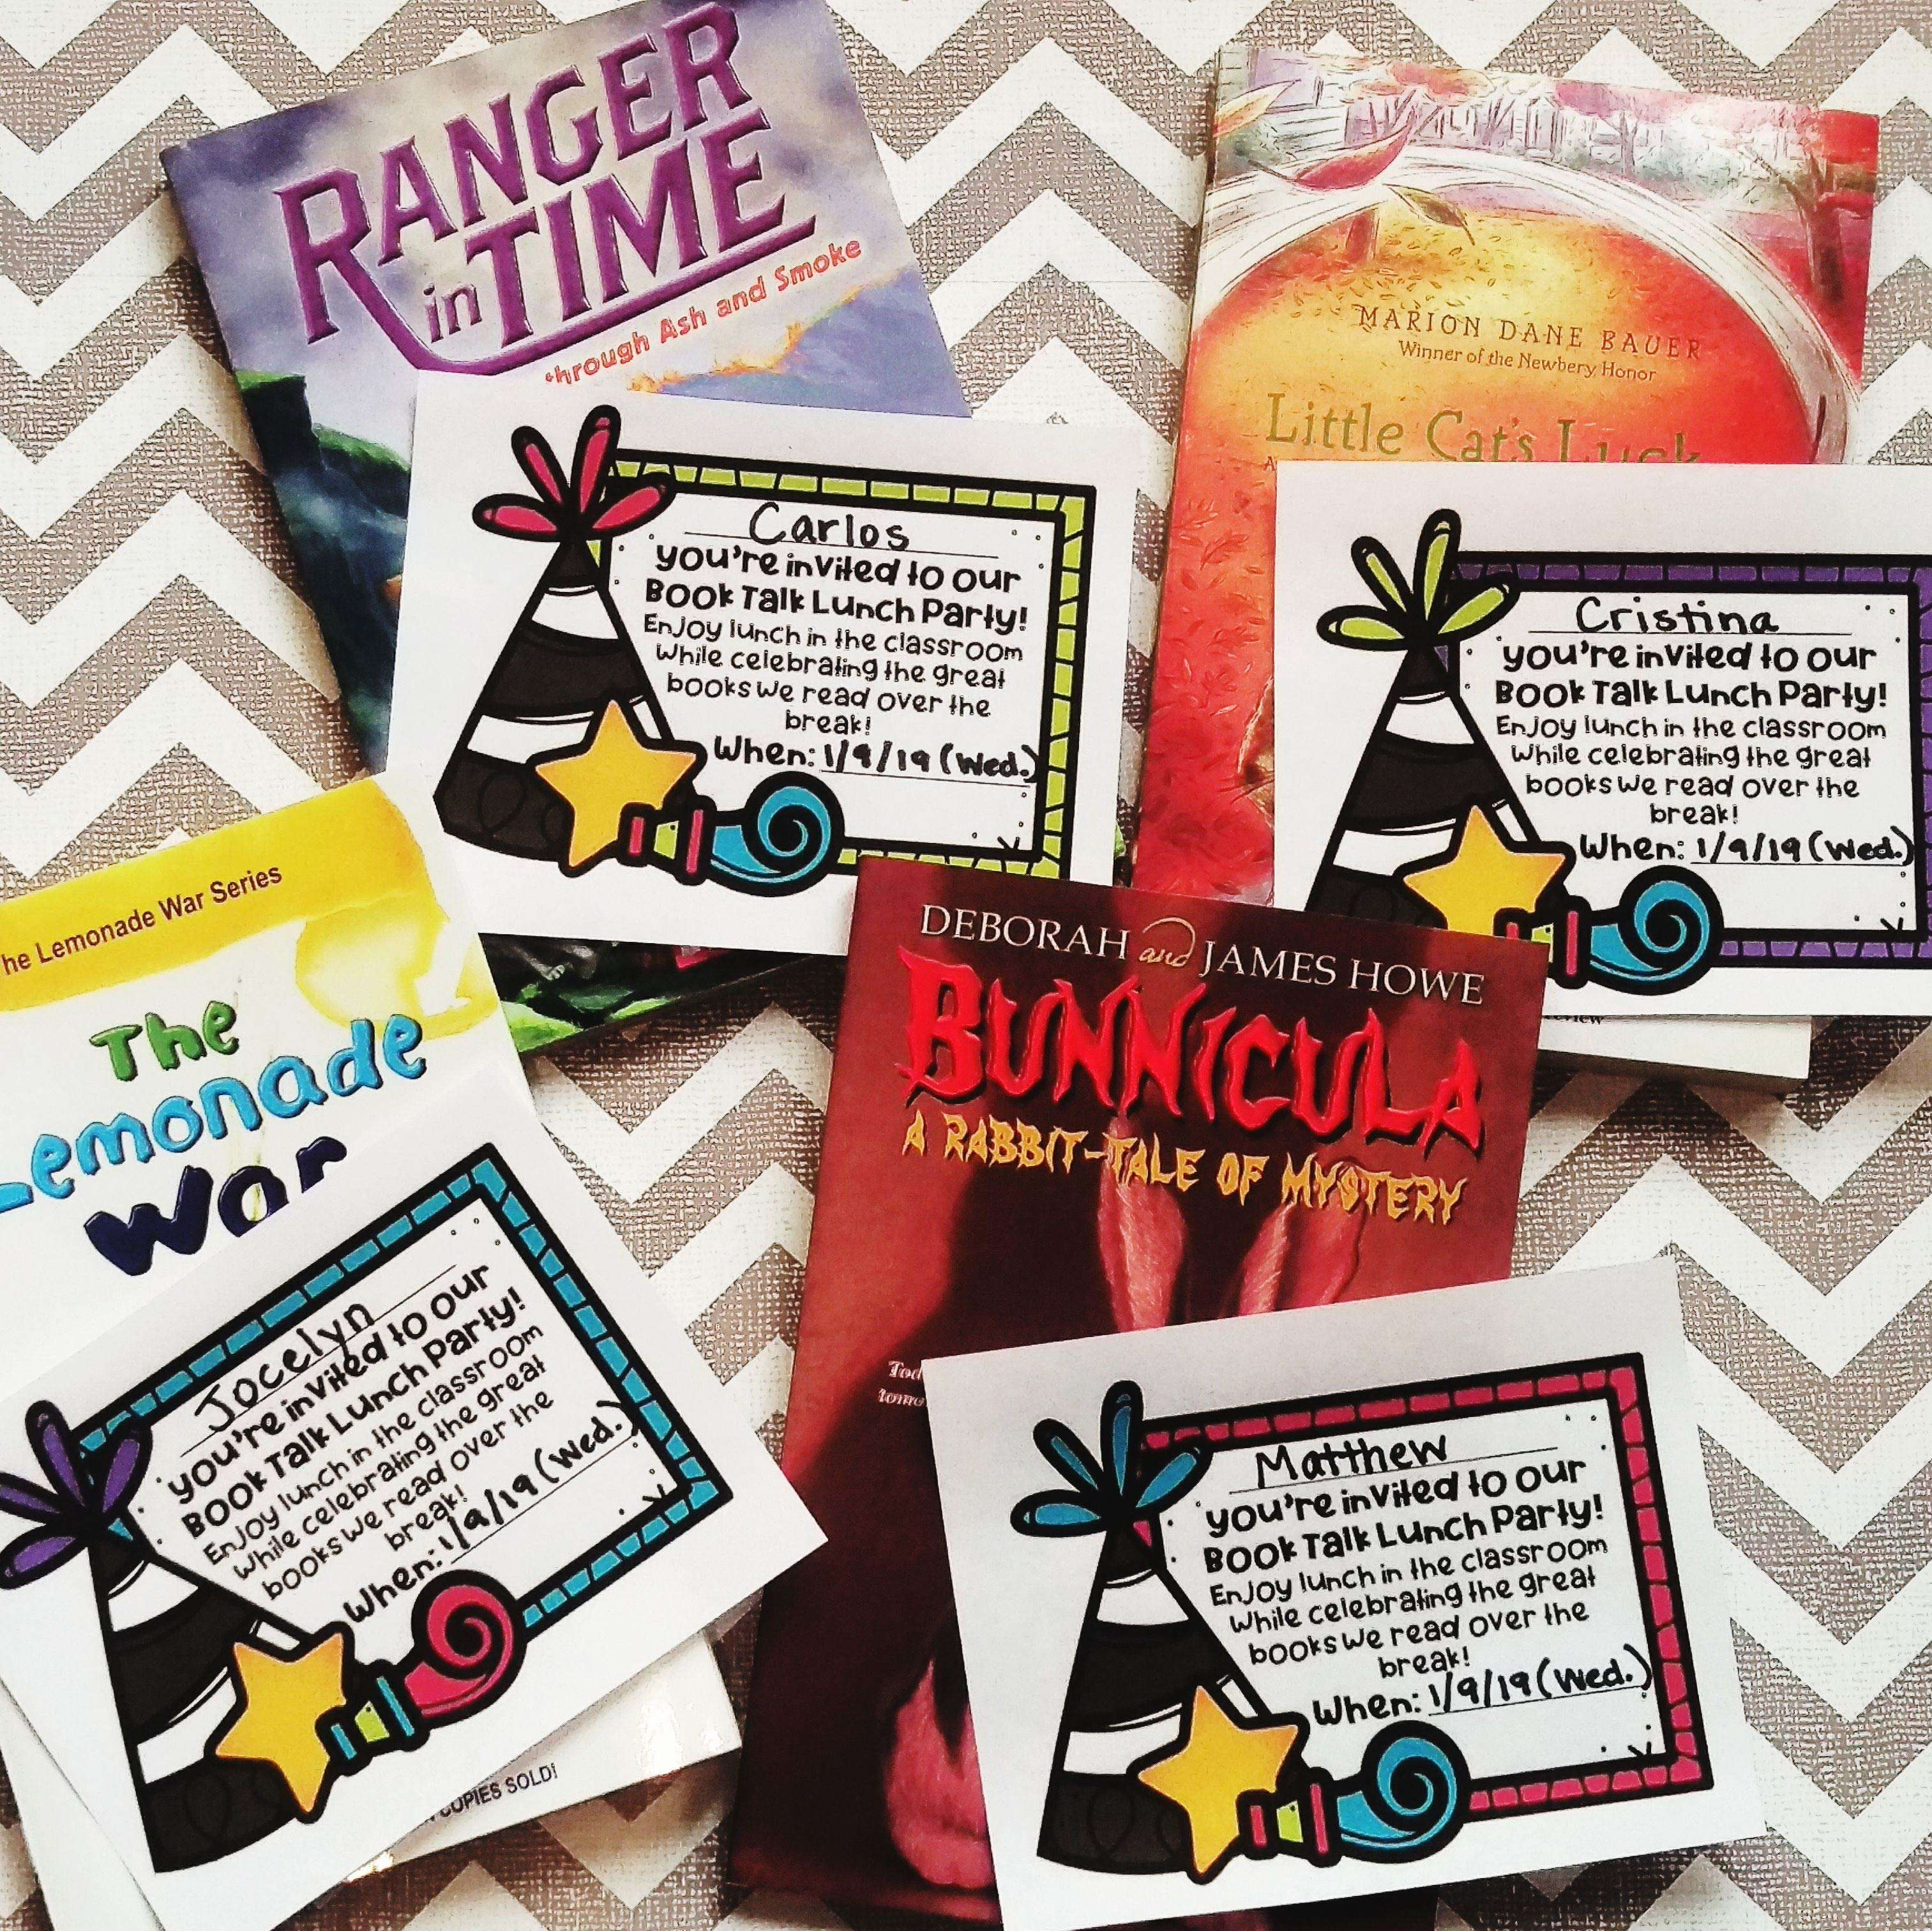 color lunch book talk invites